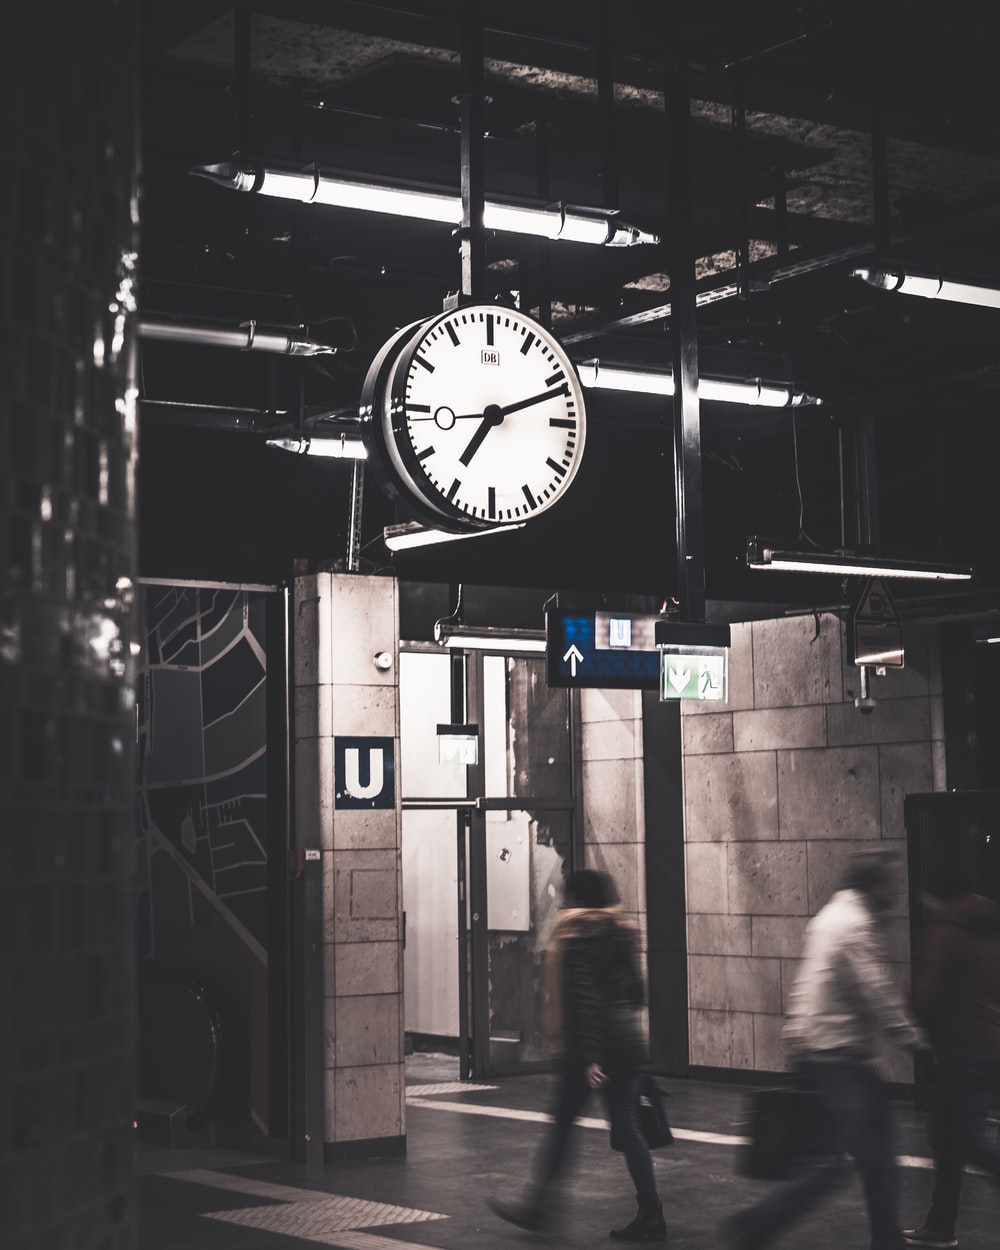 analog hanging ceiling clock displaying 7:11 time